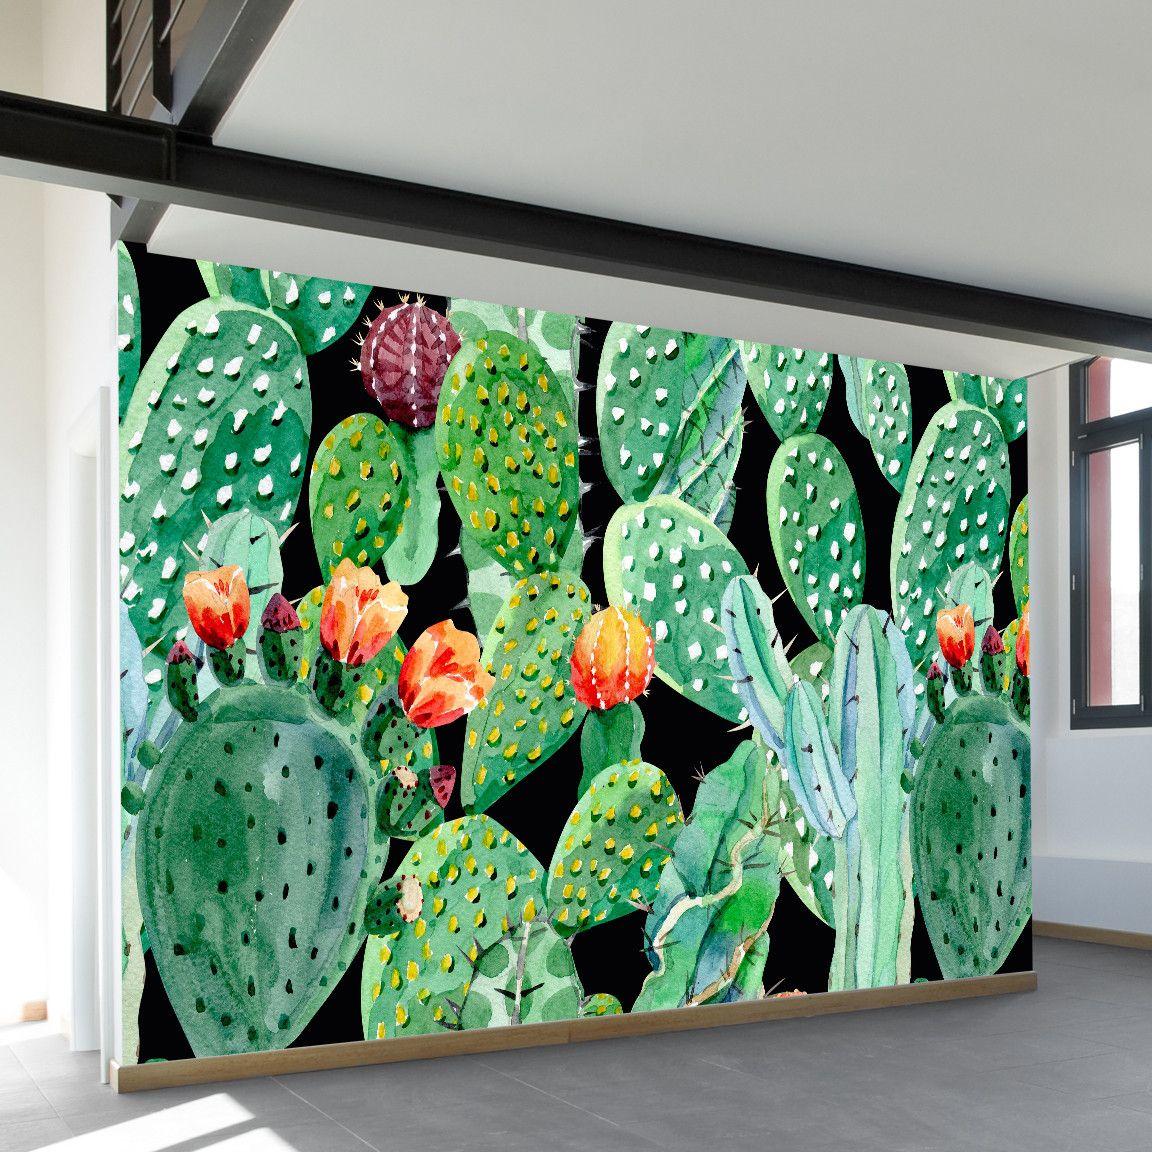 Prickly Party Wall Mural Con Imagenes Murales Pintados